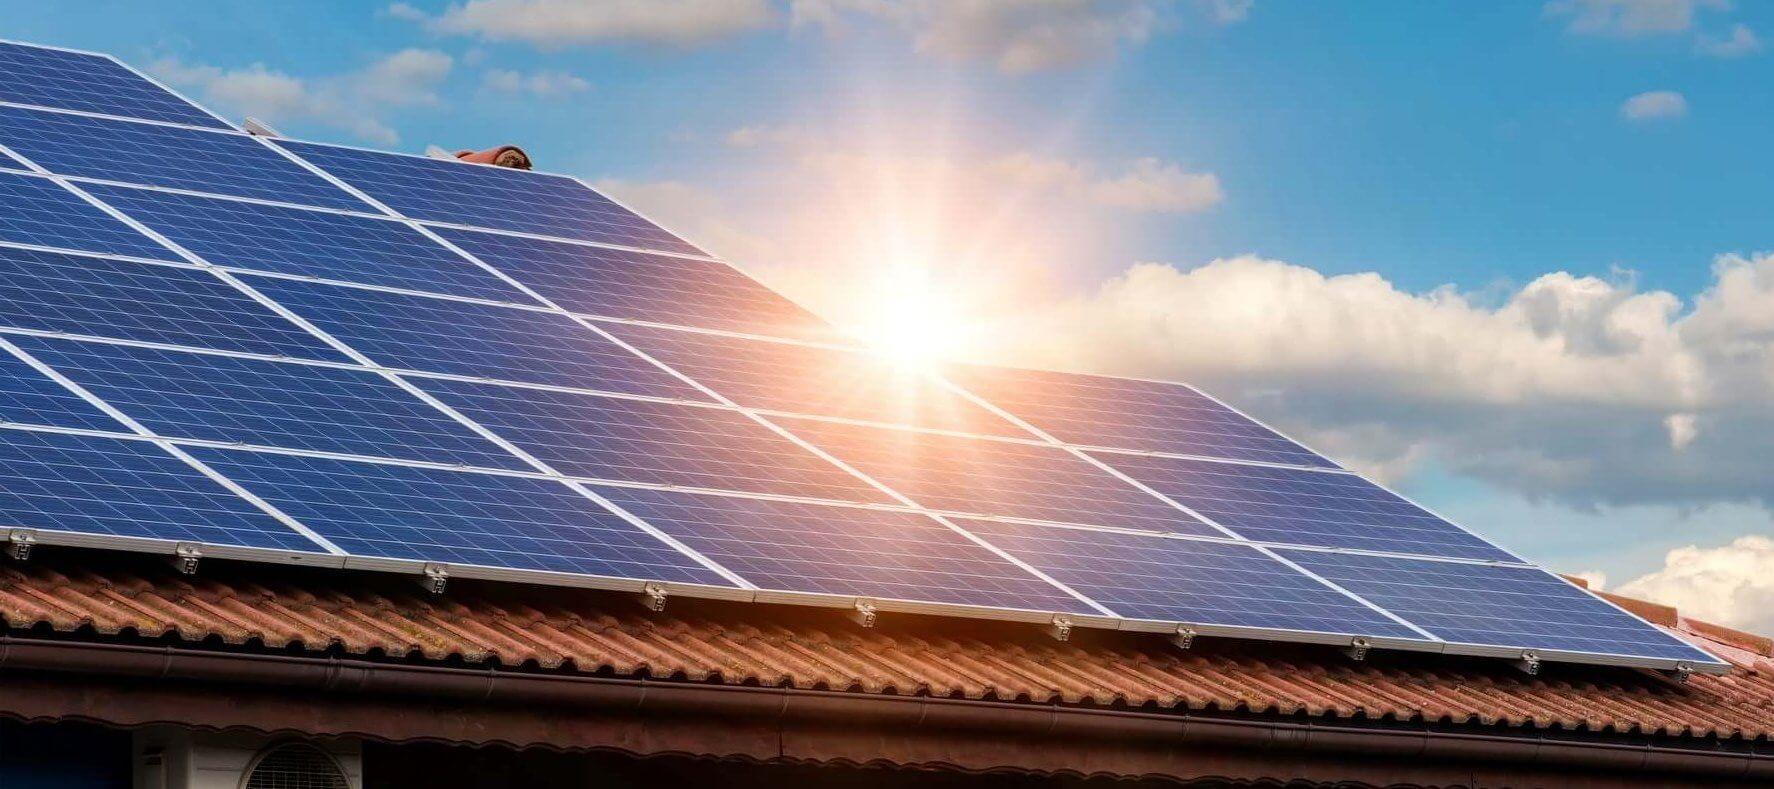 Kaj pomeni samooskrba s sončno elektrarno oziroma net metering?